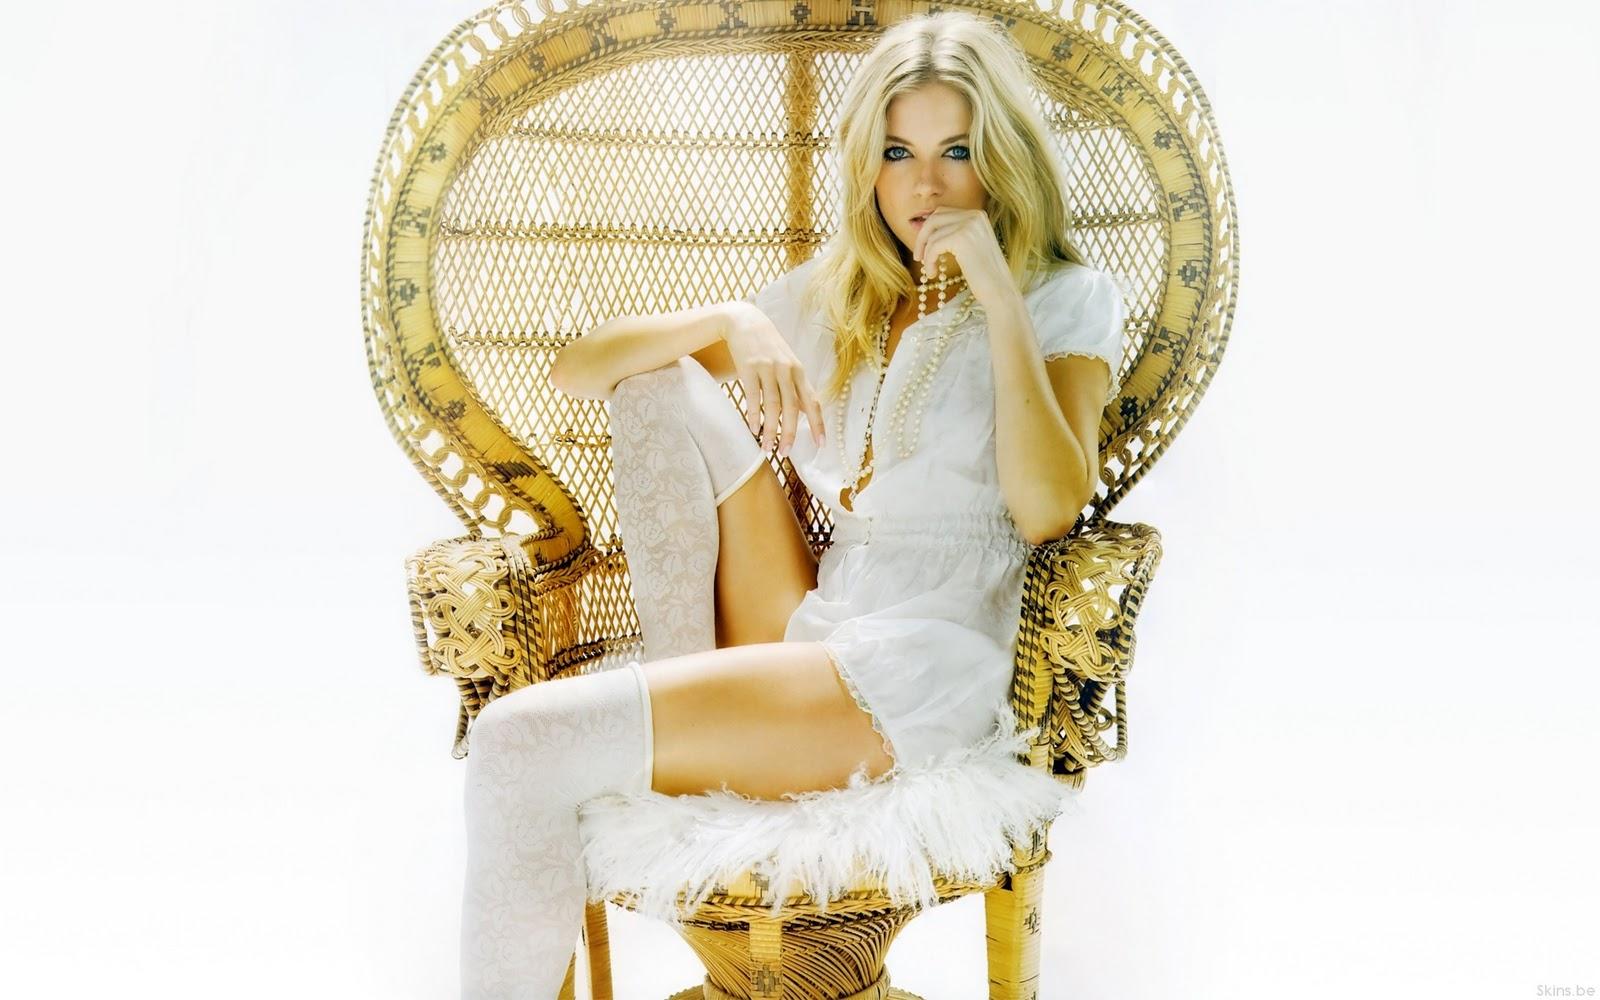 http://3.bp.blogspot.com/_E4MvgSbA7Ss/TRpQQ7kBwZI/AAAAAAAAAZ4/F1tyGhpaRnw/s1600/Sienna_Miller.jpg